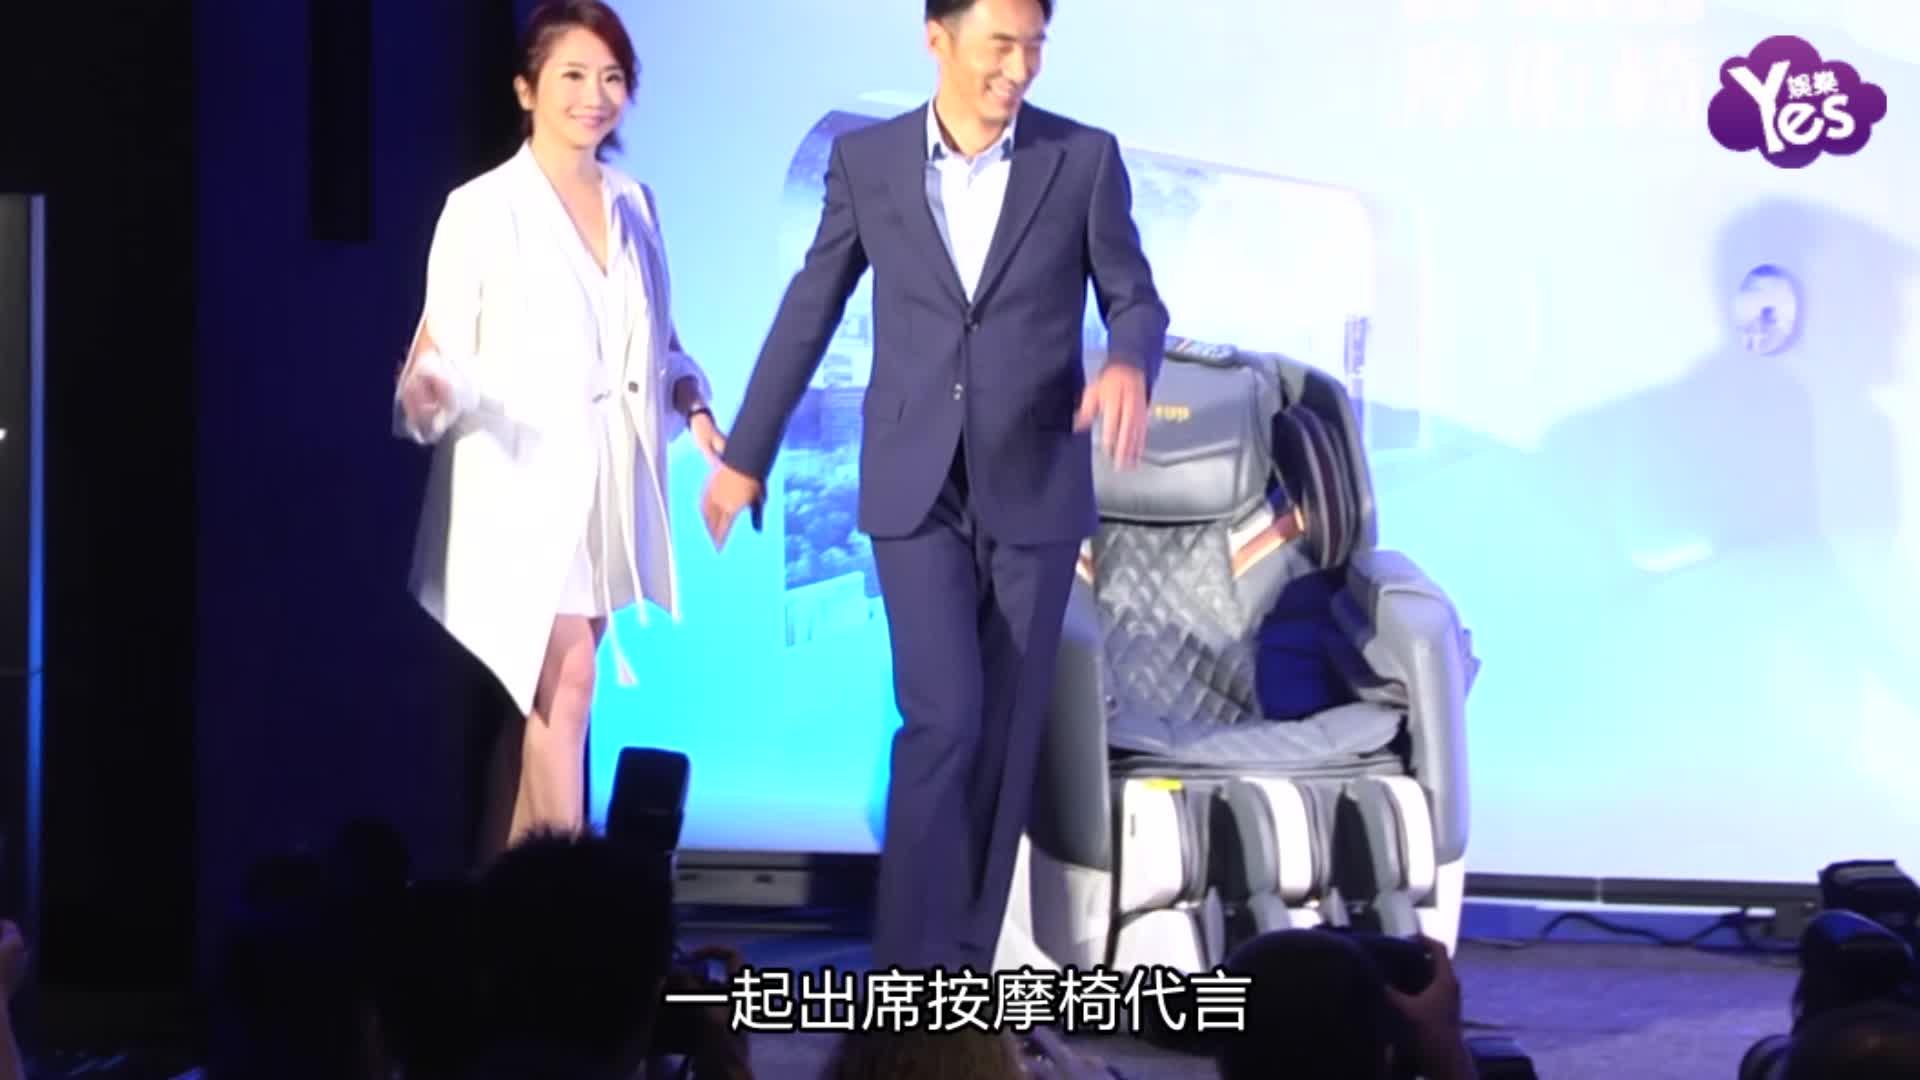 李李仁与儿女可怕视讯   吓坏陶晶莹原因超暖